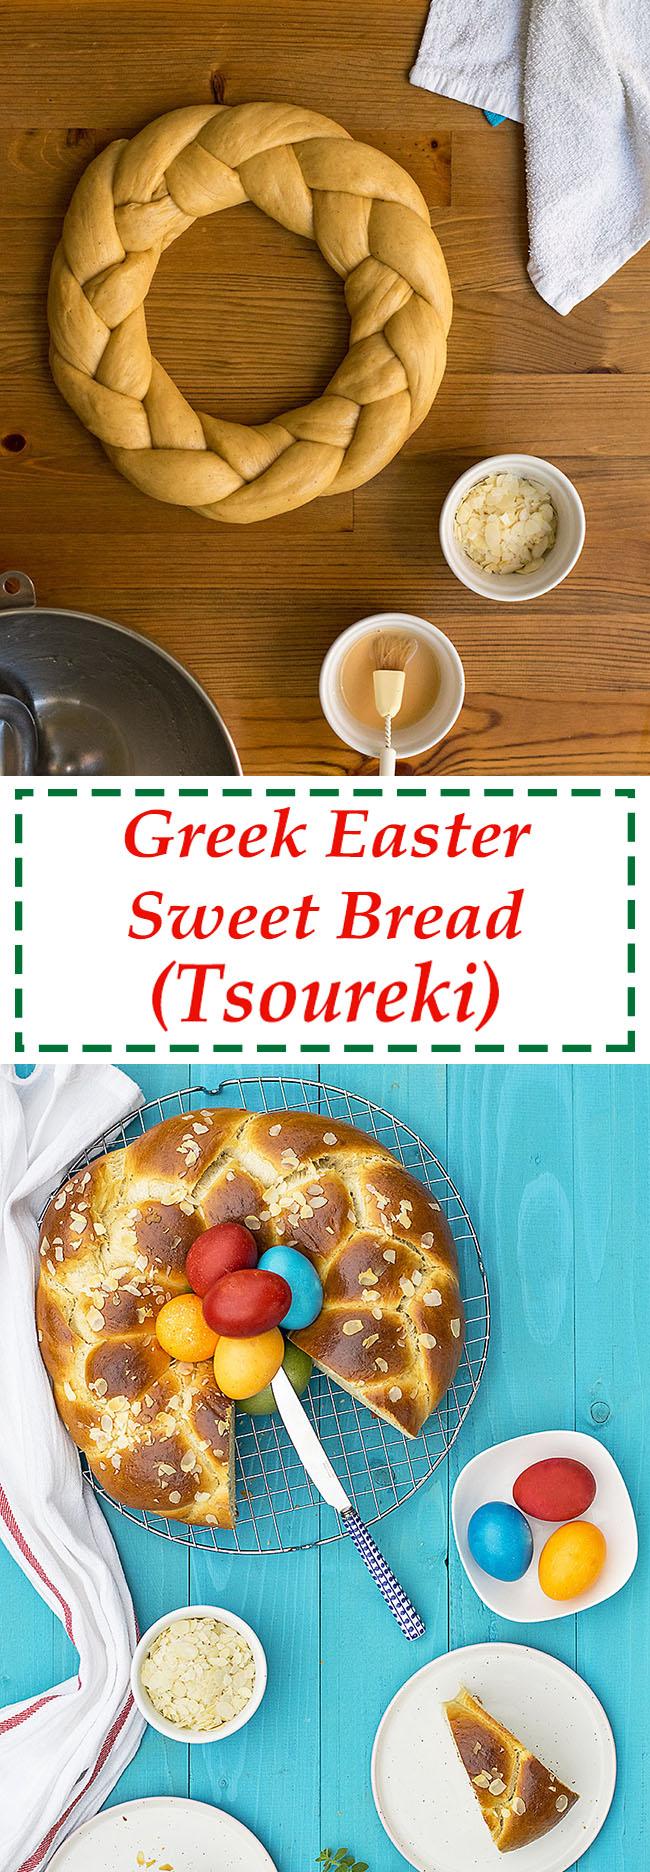 Greek Easter sweet bread with olive oil (Tsoureki) 7